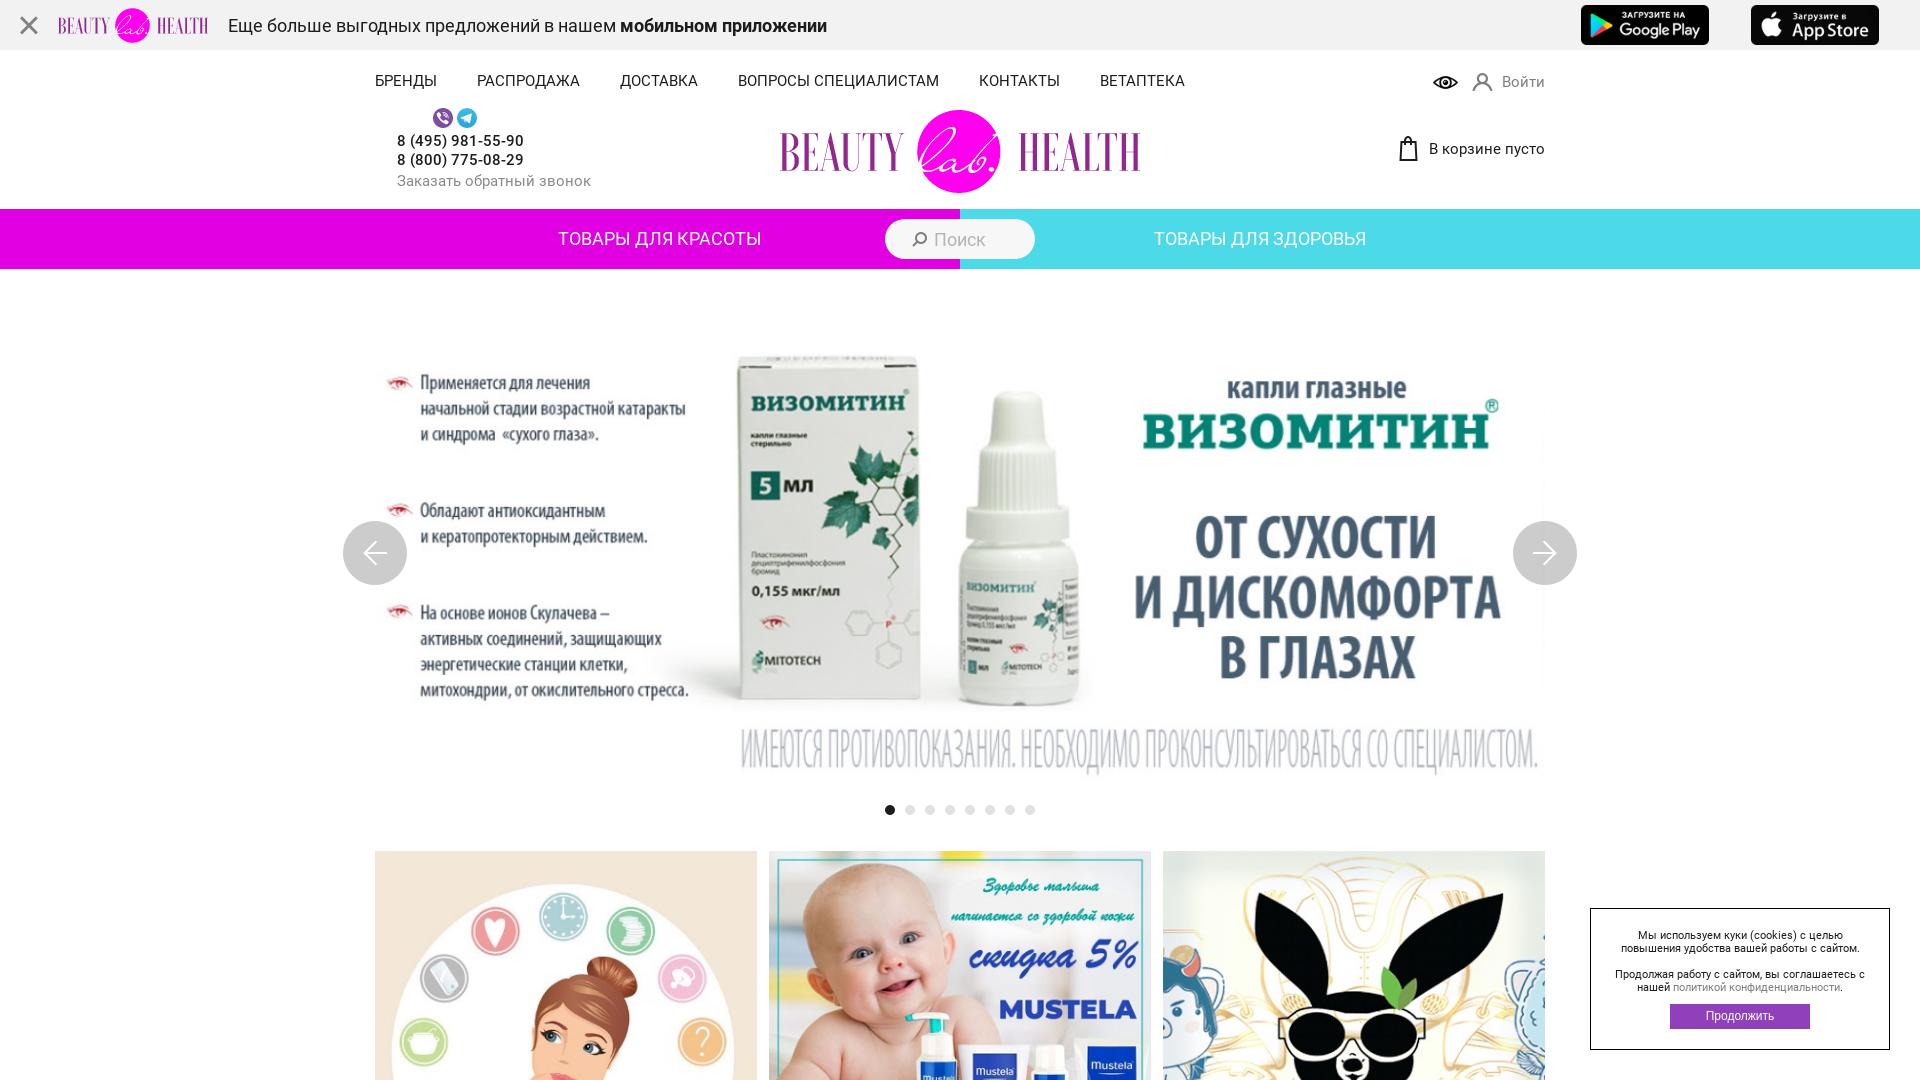 Лаборатория Красоты и Здоровья website